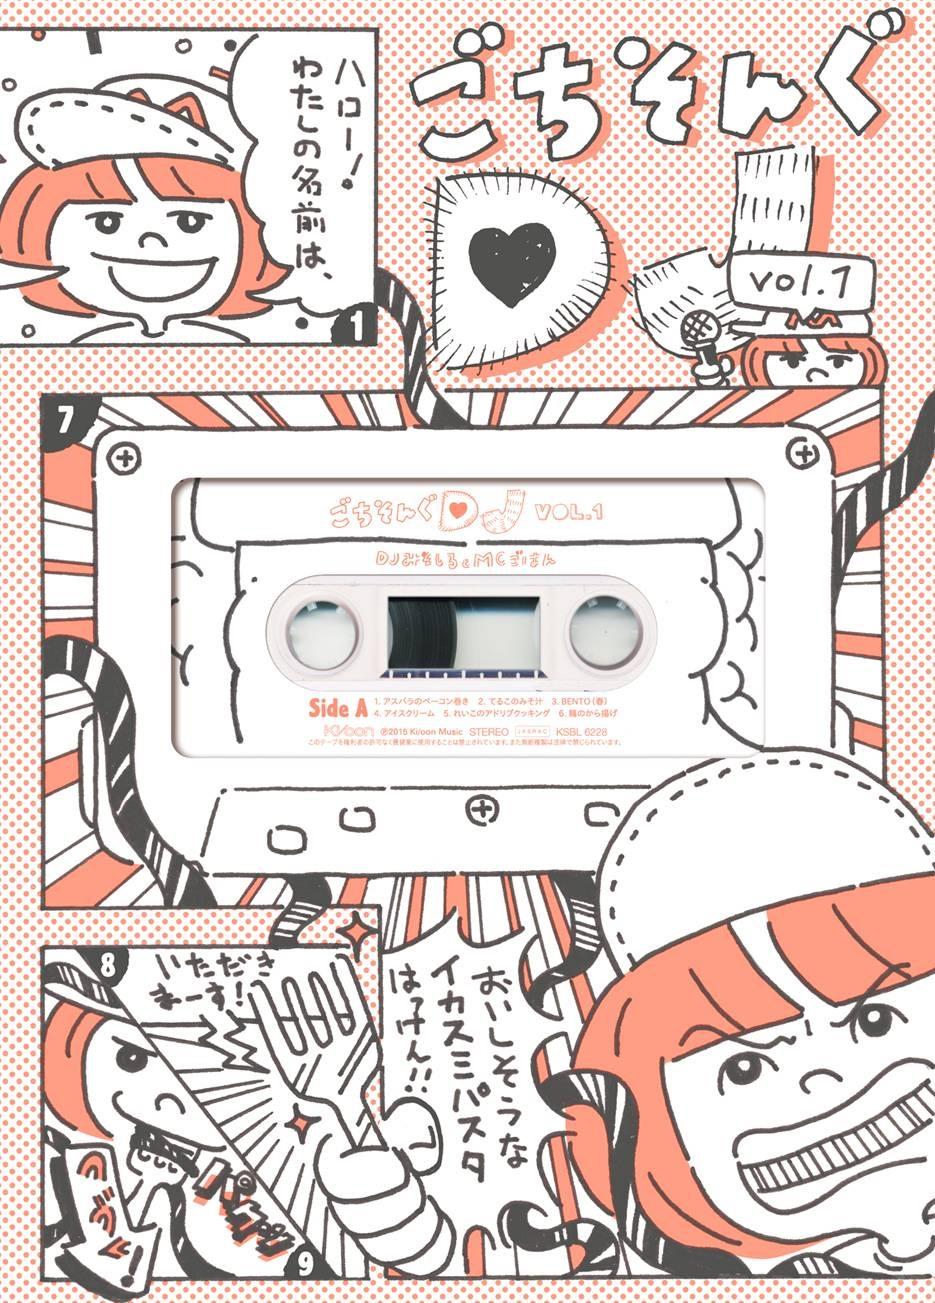 ごちそんぐDJ_DVD_初回生産盤_JKT